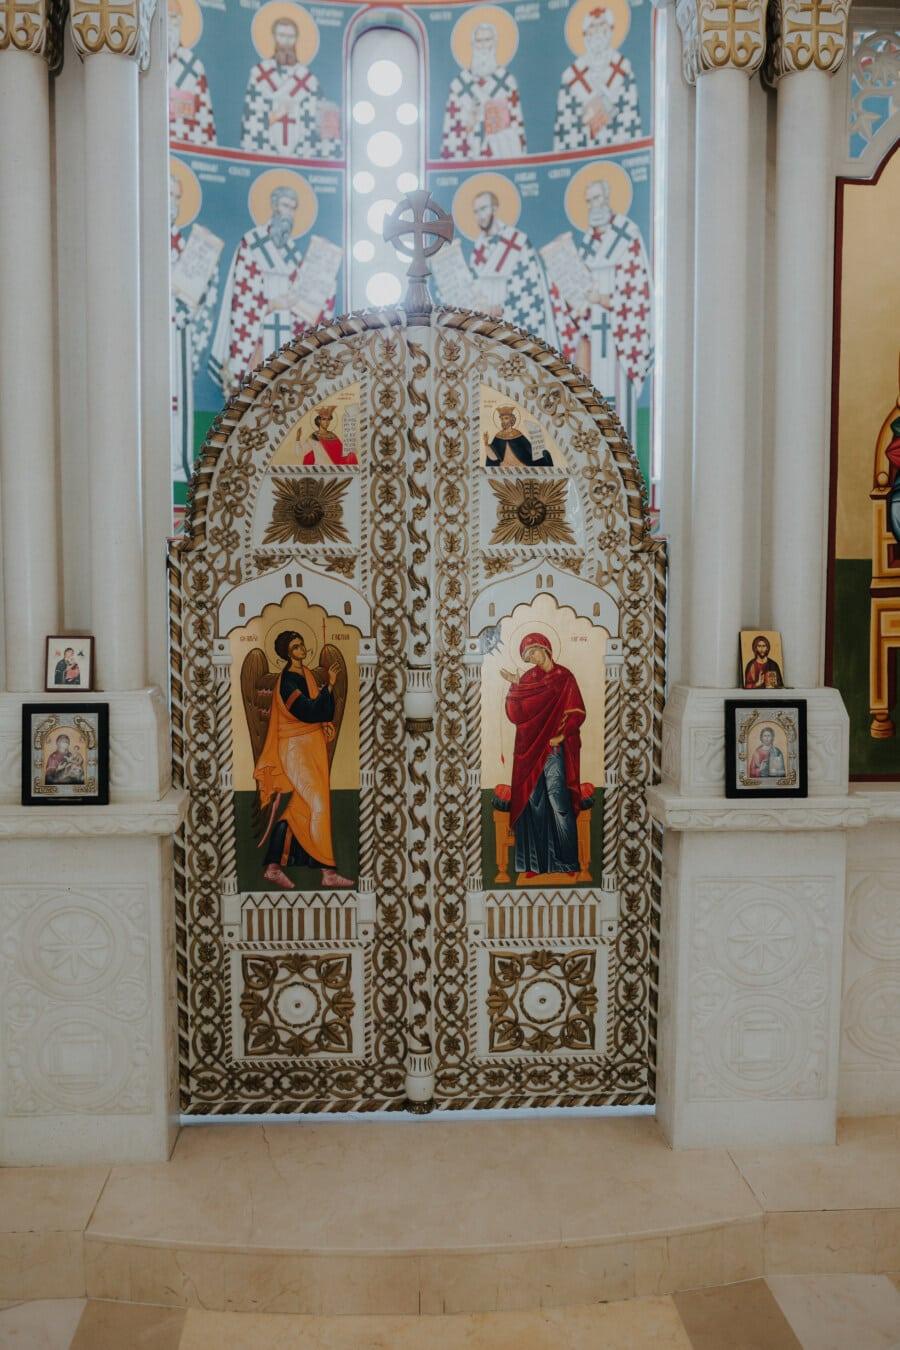 orthodoxe, Tür, Altar, Malerei, Bildende Kunst, handgefertigte, Heilige, Engel, Gewand, Tempel